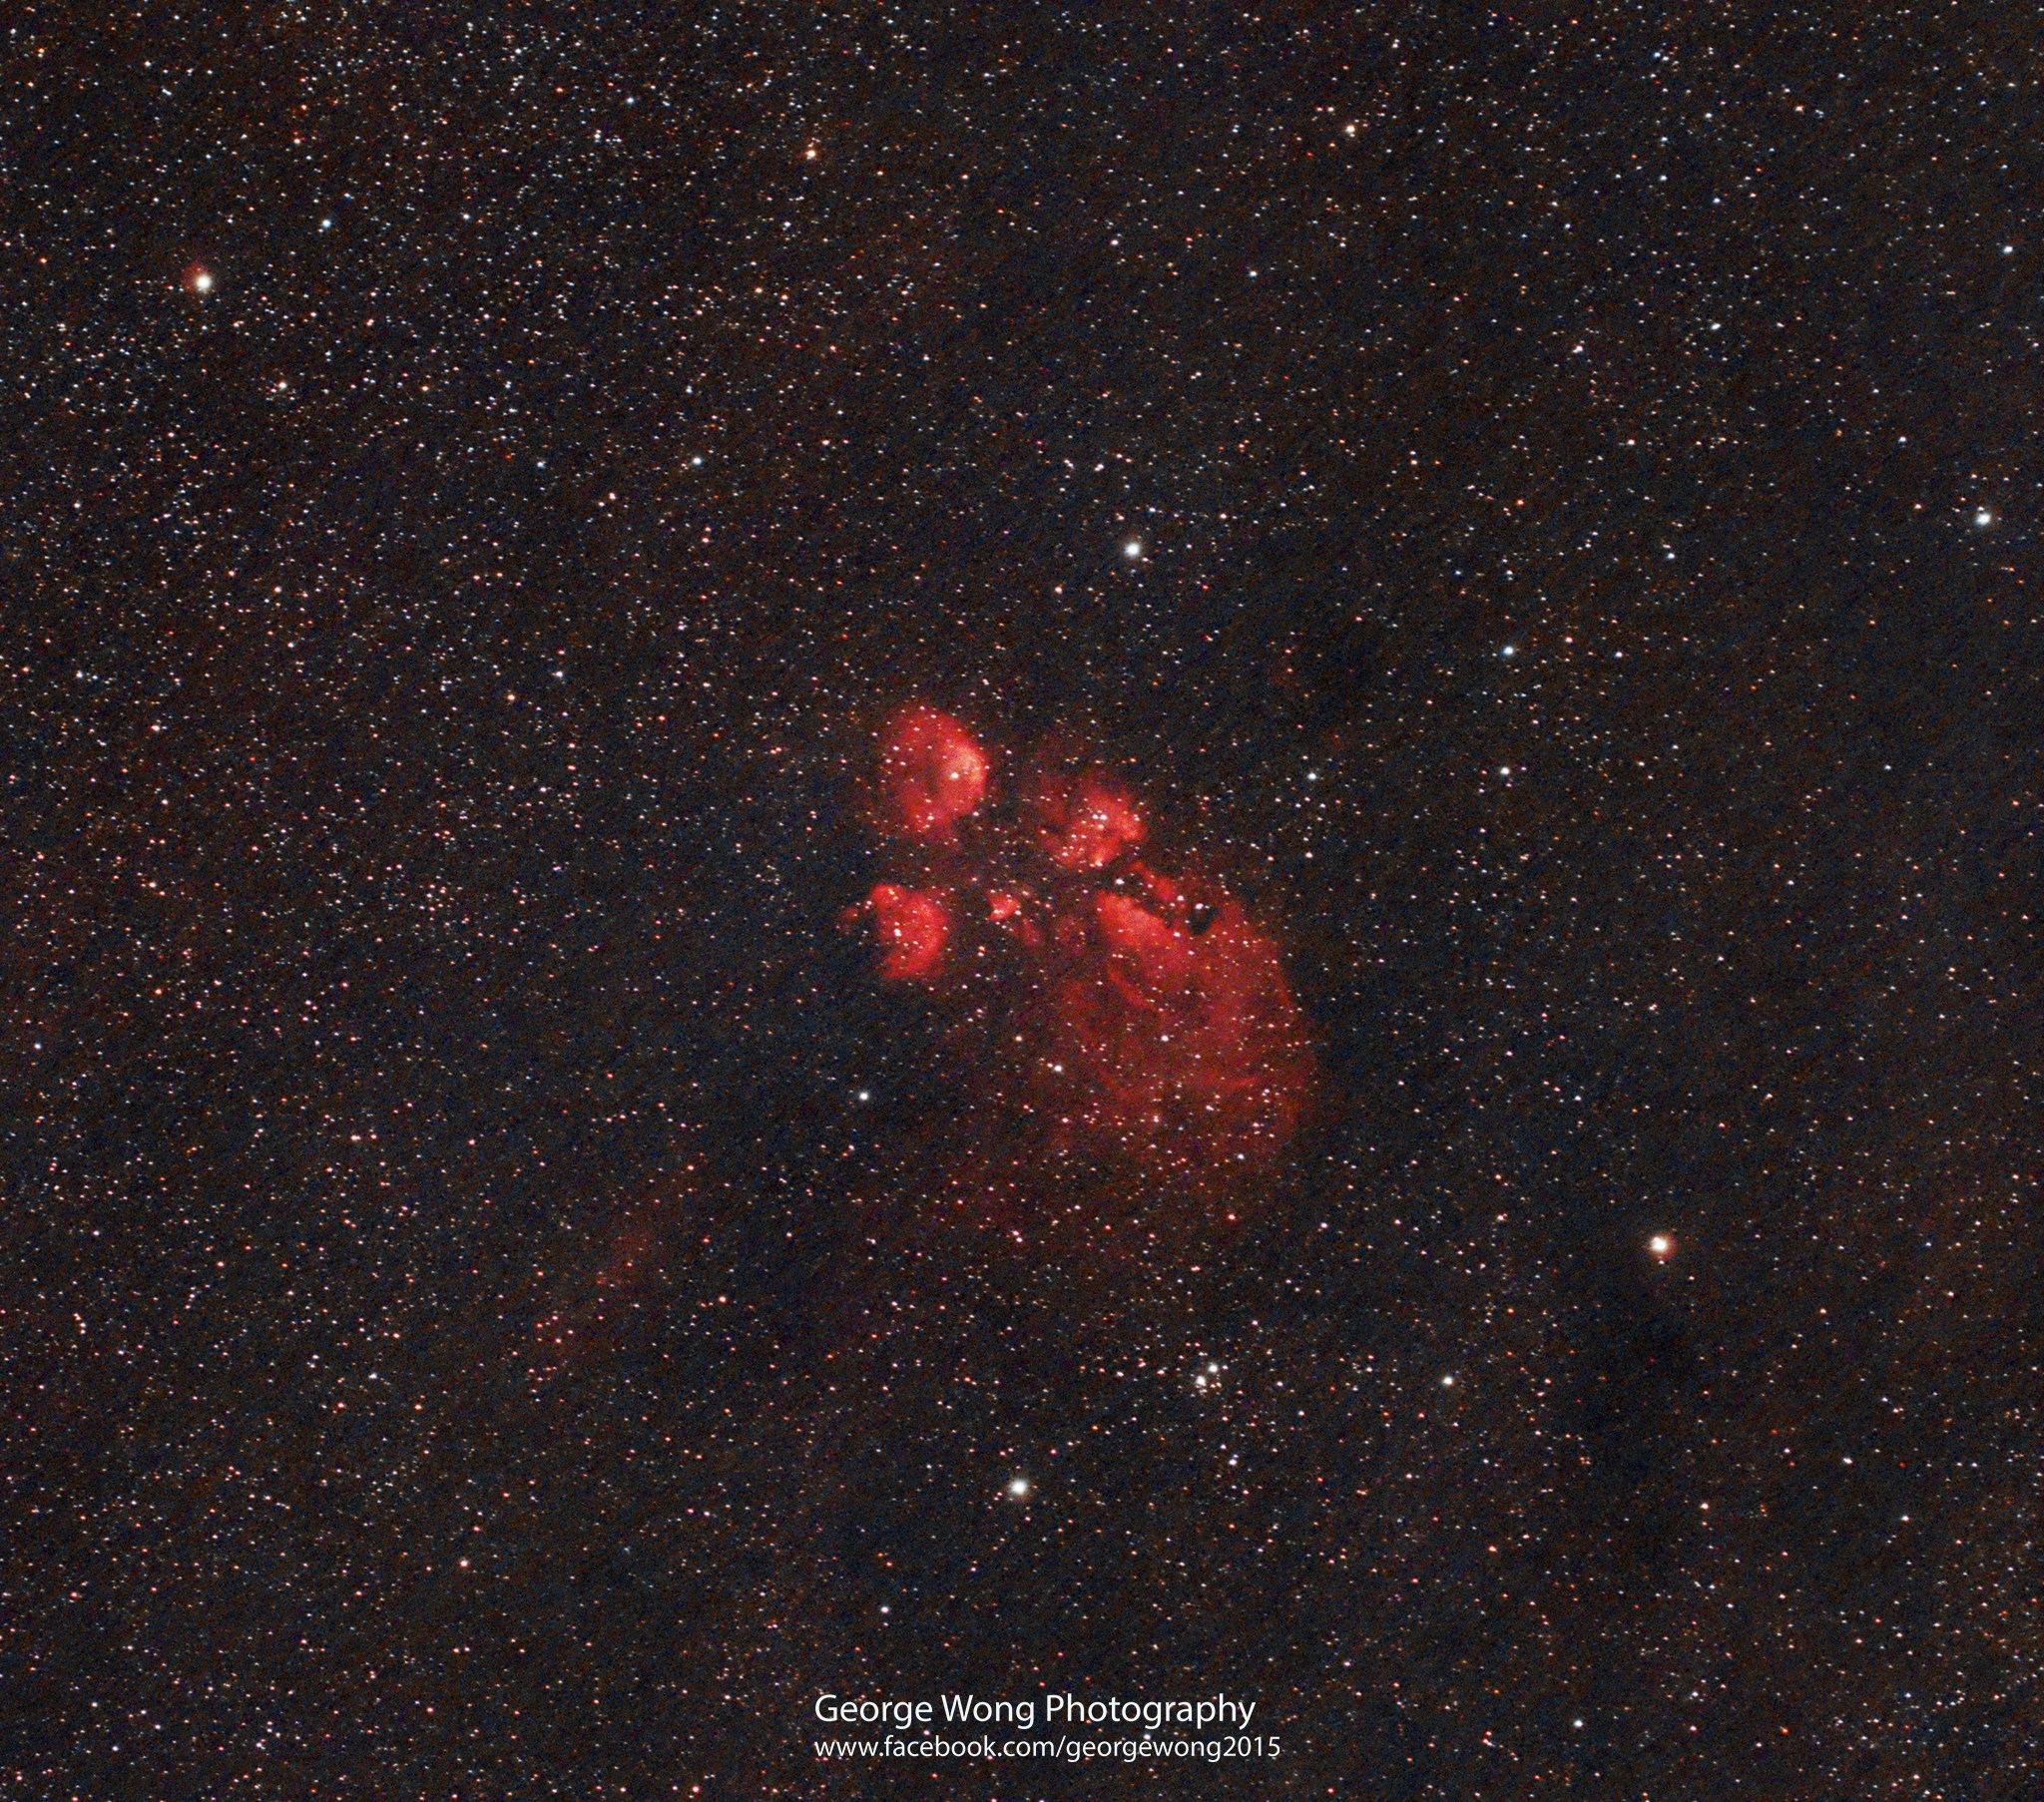 第一個用ZEQ25拍攝的目標:貓爪星雲